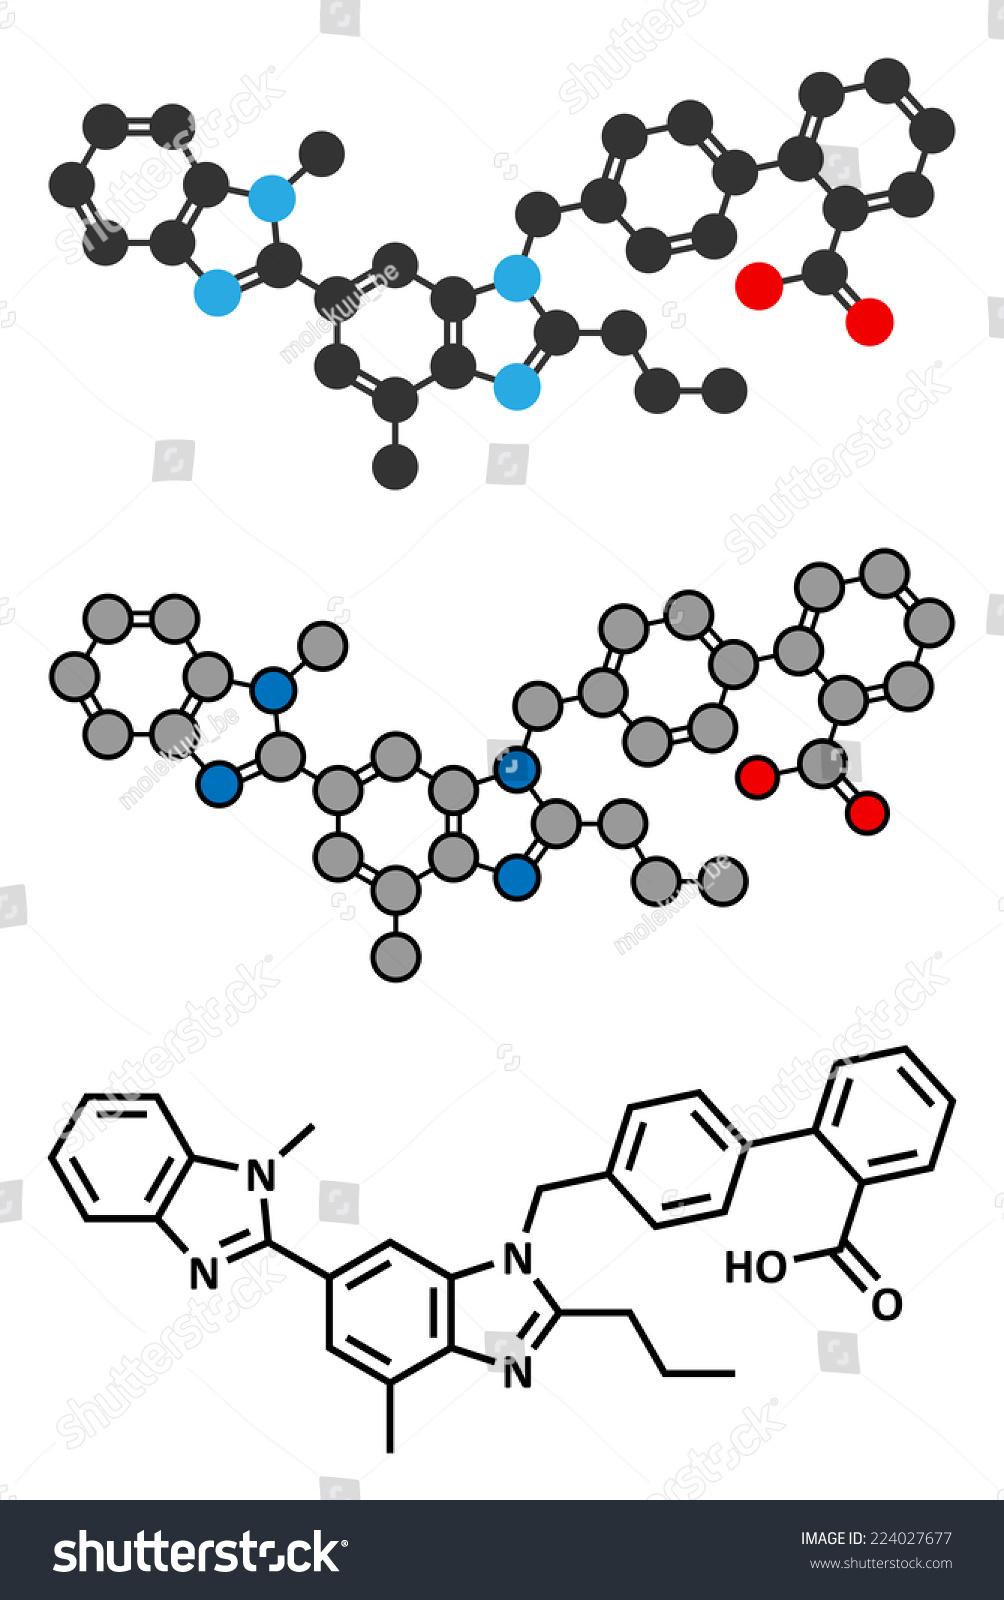 替米沙坦高血压药物分子。用于治疗高血压。程